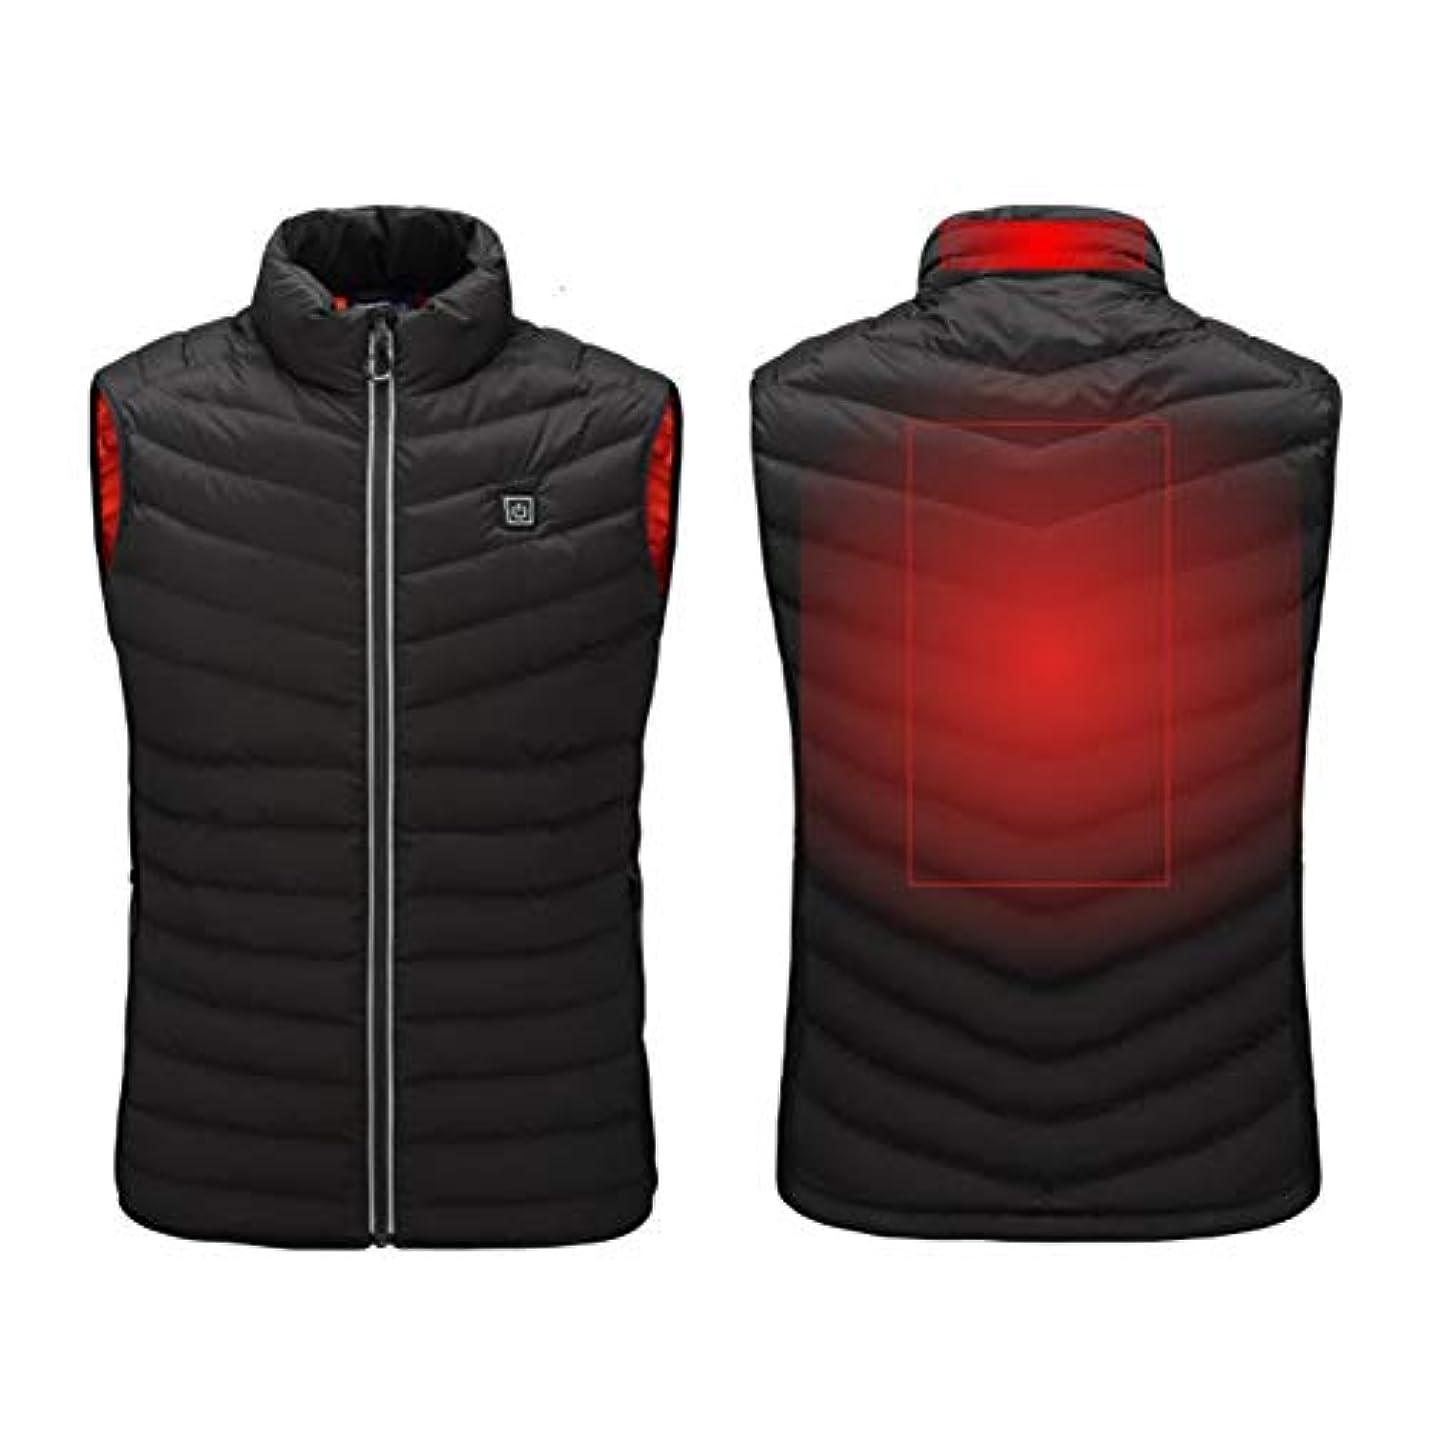 写真を撮るぼろレイアウト電気の 男性用 冬 あたたかい ベスト、 USB セキュリティ インテリジェント 定数 温度 と 3 調整可能 気温 暖房 ウォーマー 衣類 ために アウトドア キャンプ、 ハイキング,黒,XL